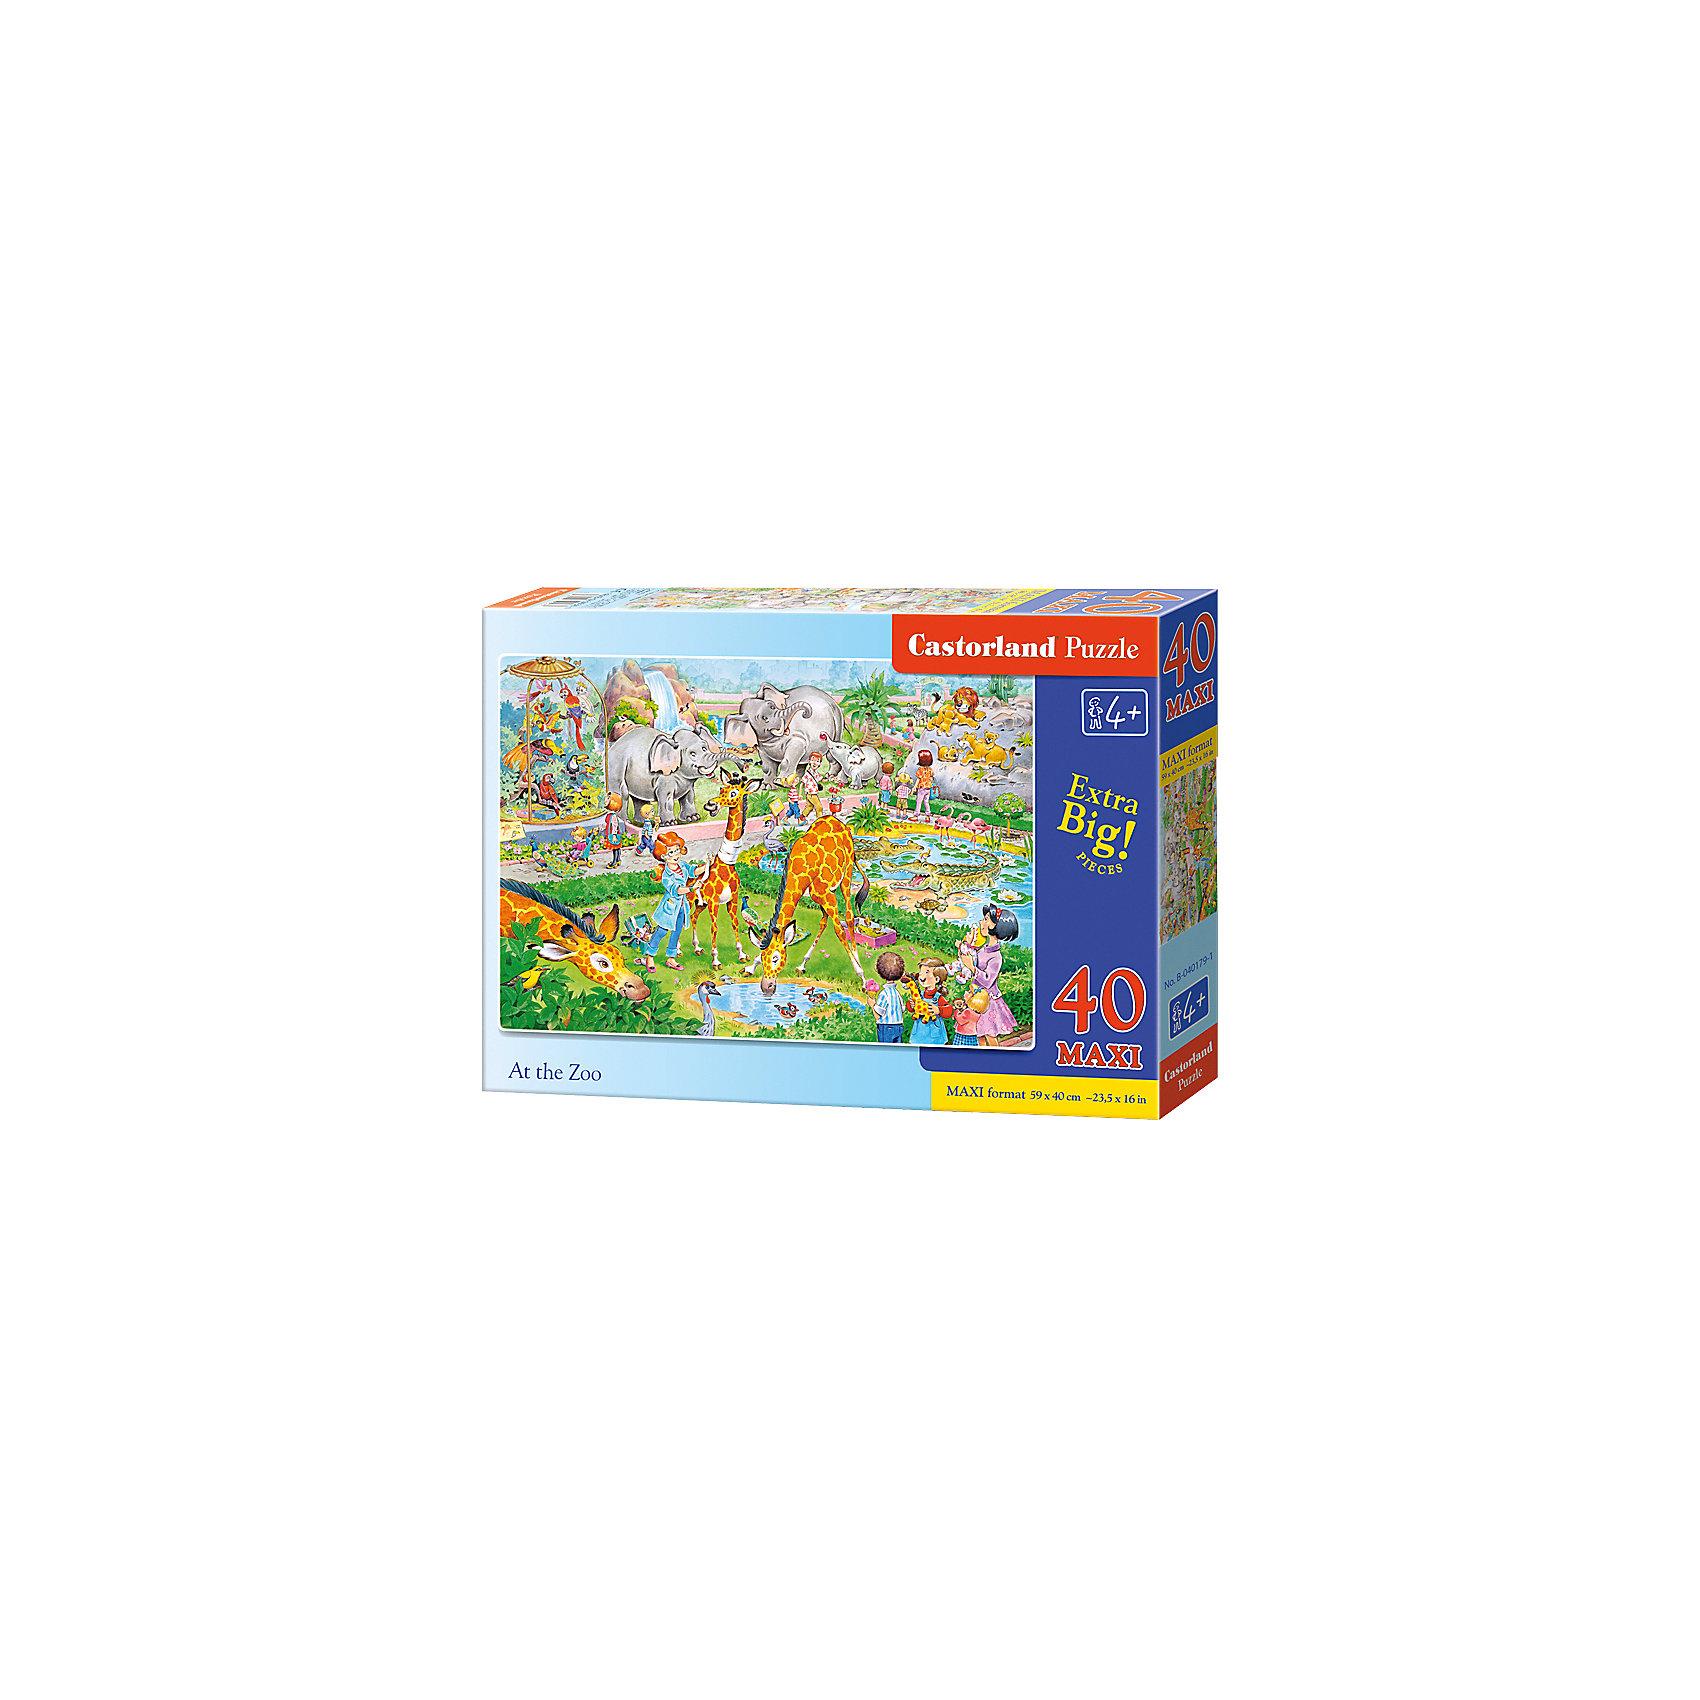 Макси-пазл Castorland Зоопарк, 40 деталейПазлы для малышей<br>Характеристики:<br><br>• возраст: от 4 лет<br>• количество деталей: 40 деталей MAXI<br>• размер собранного пазла: 59х40 см.<br>• материал: картон<br>• упаковка: картонная коробка<br>• размер упаковки: 32x4,7x22 см.<br>• вес: 400 гр.<br>• страна обладатель бренда: Польша<br><br>Пазл «Зоопарк» от Castorland (Касторленд) отличается хорошим качеством, высоким уровнем полиграфии, насыщенными цветами и идеальной стыковкой элементов. Из 40 больших элементов пазла ребенок соберет красочную картинку с изображением животных живущих в зоопарке.<br><br>Пазл Зоопарк, 40 деталей MAXI, Castorland (Касторленд) можно купить в нашем интернет-магазине.<br><br>Ширина мм: 320<br>Глубина мм: 220<br>Высота мм: 47<br>Вес г: 400<br>Возраст от месяцев: 48<br>Возраст до месяцев: 2147483647<br>Пол: Унисекс<br>Возраст: Детский<br>SKU: 6725113